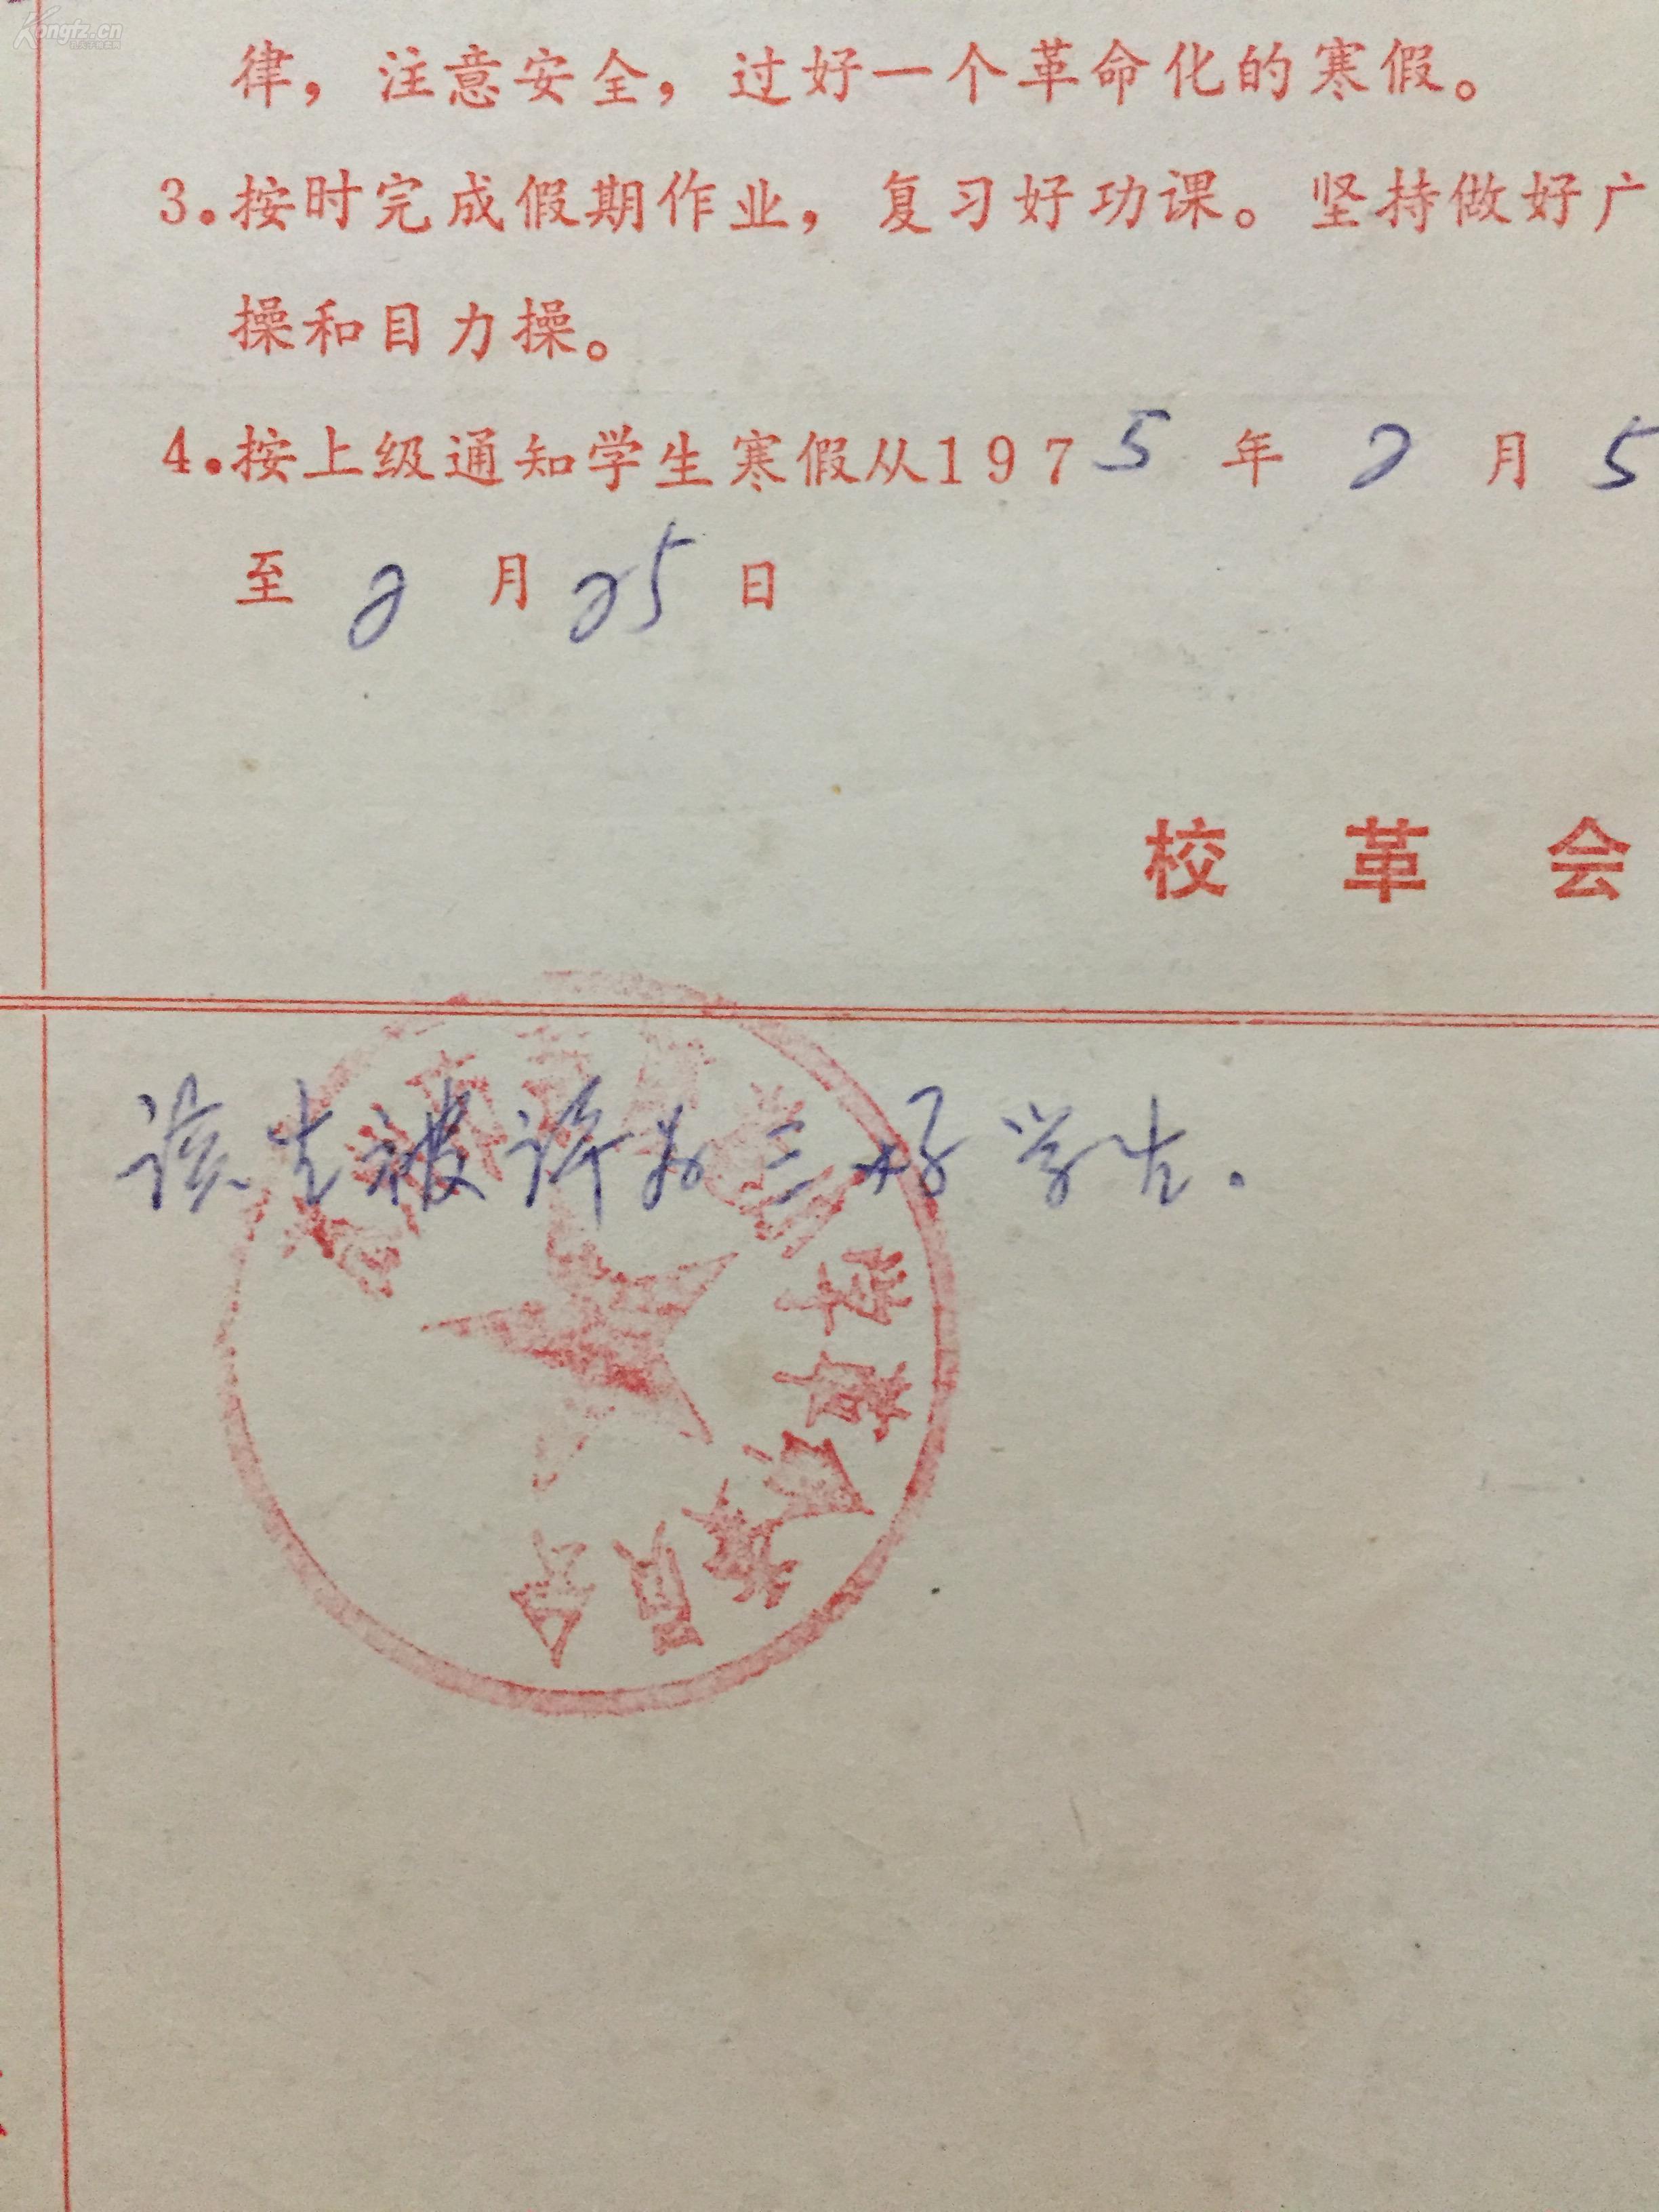 1975年苏州录葭巷小学一语录带毛教学学年《识主席小学谱图片